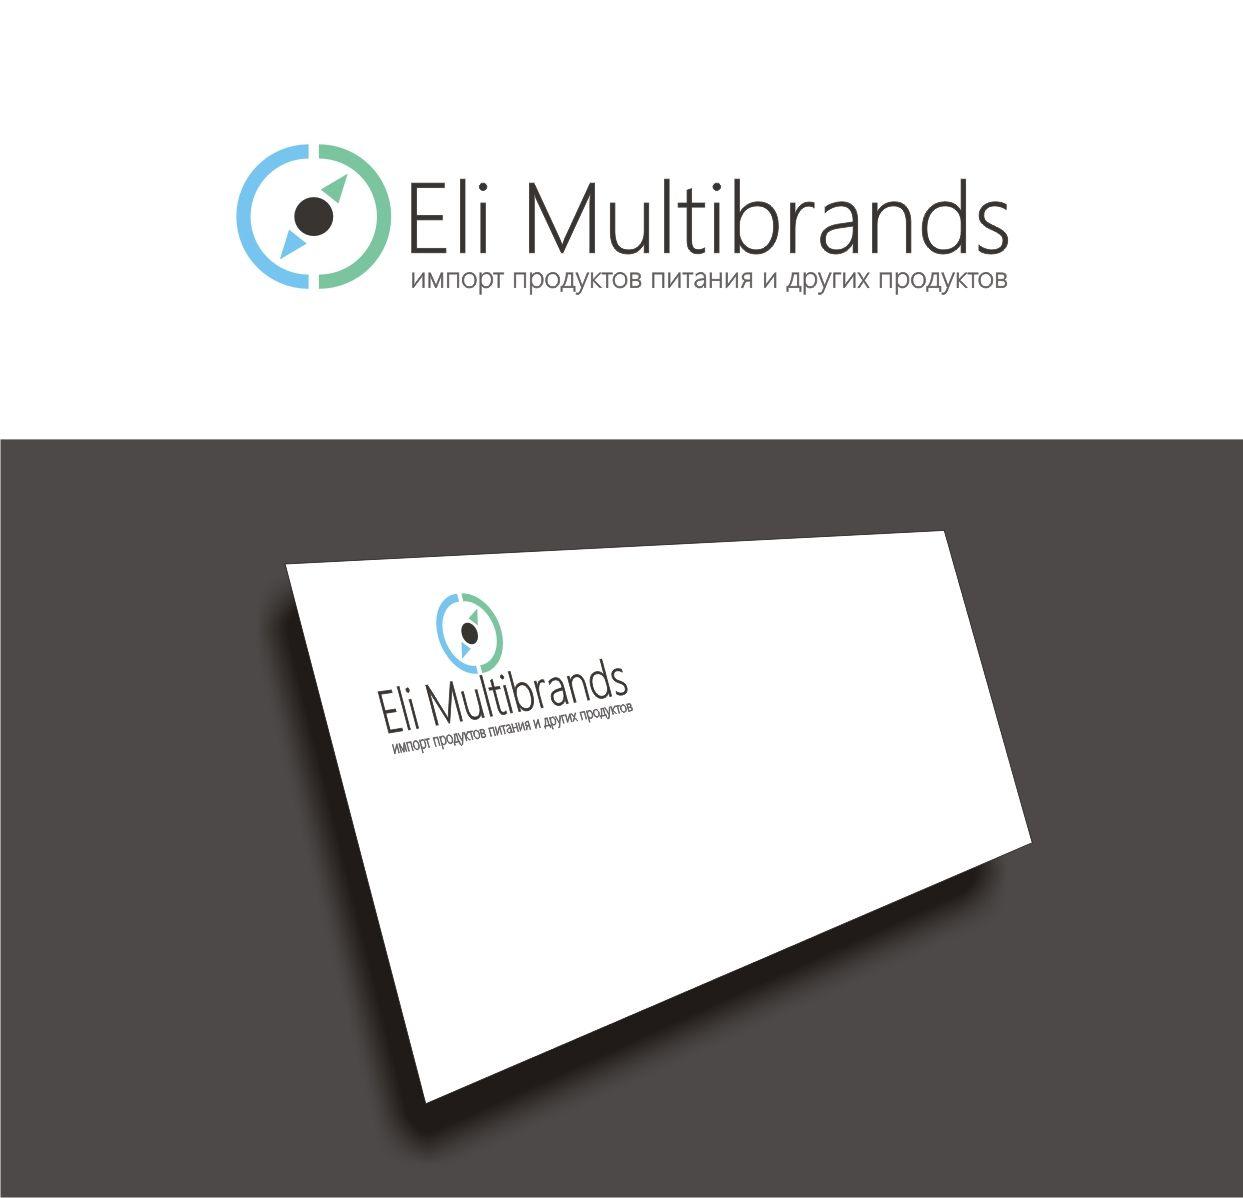 Логотип для компании ELI Multibrands - дизайнер LiXoOnshade